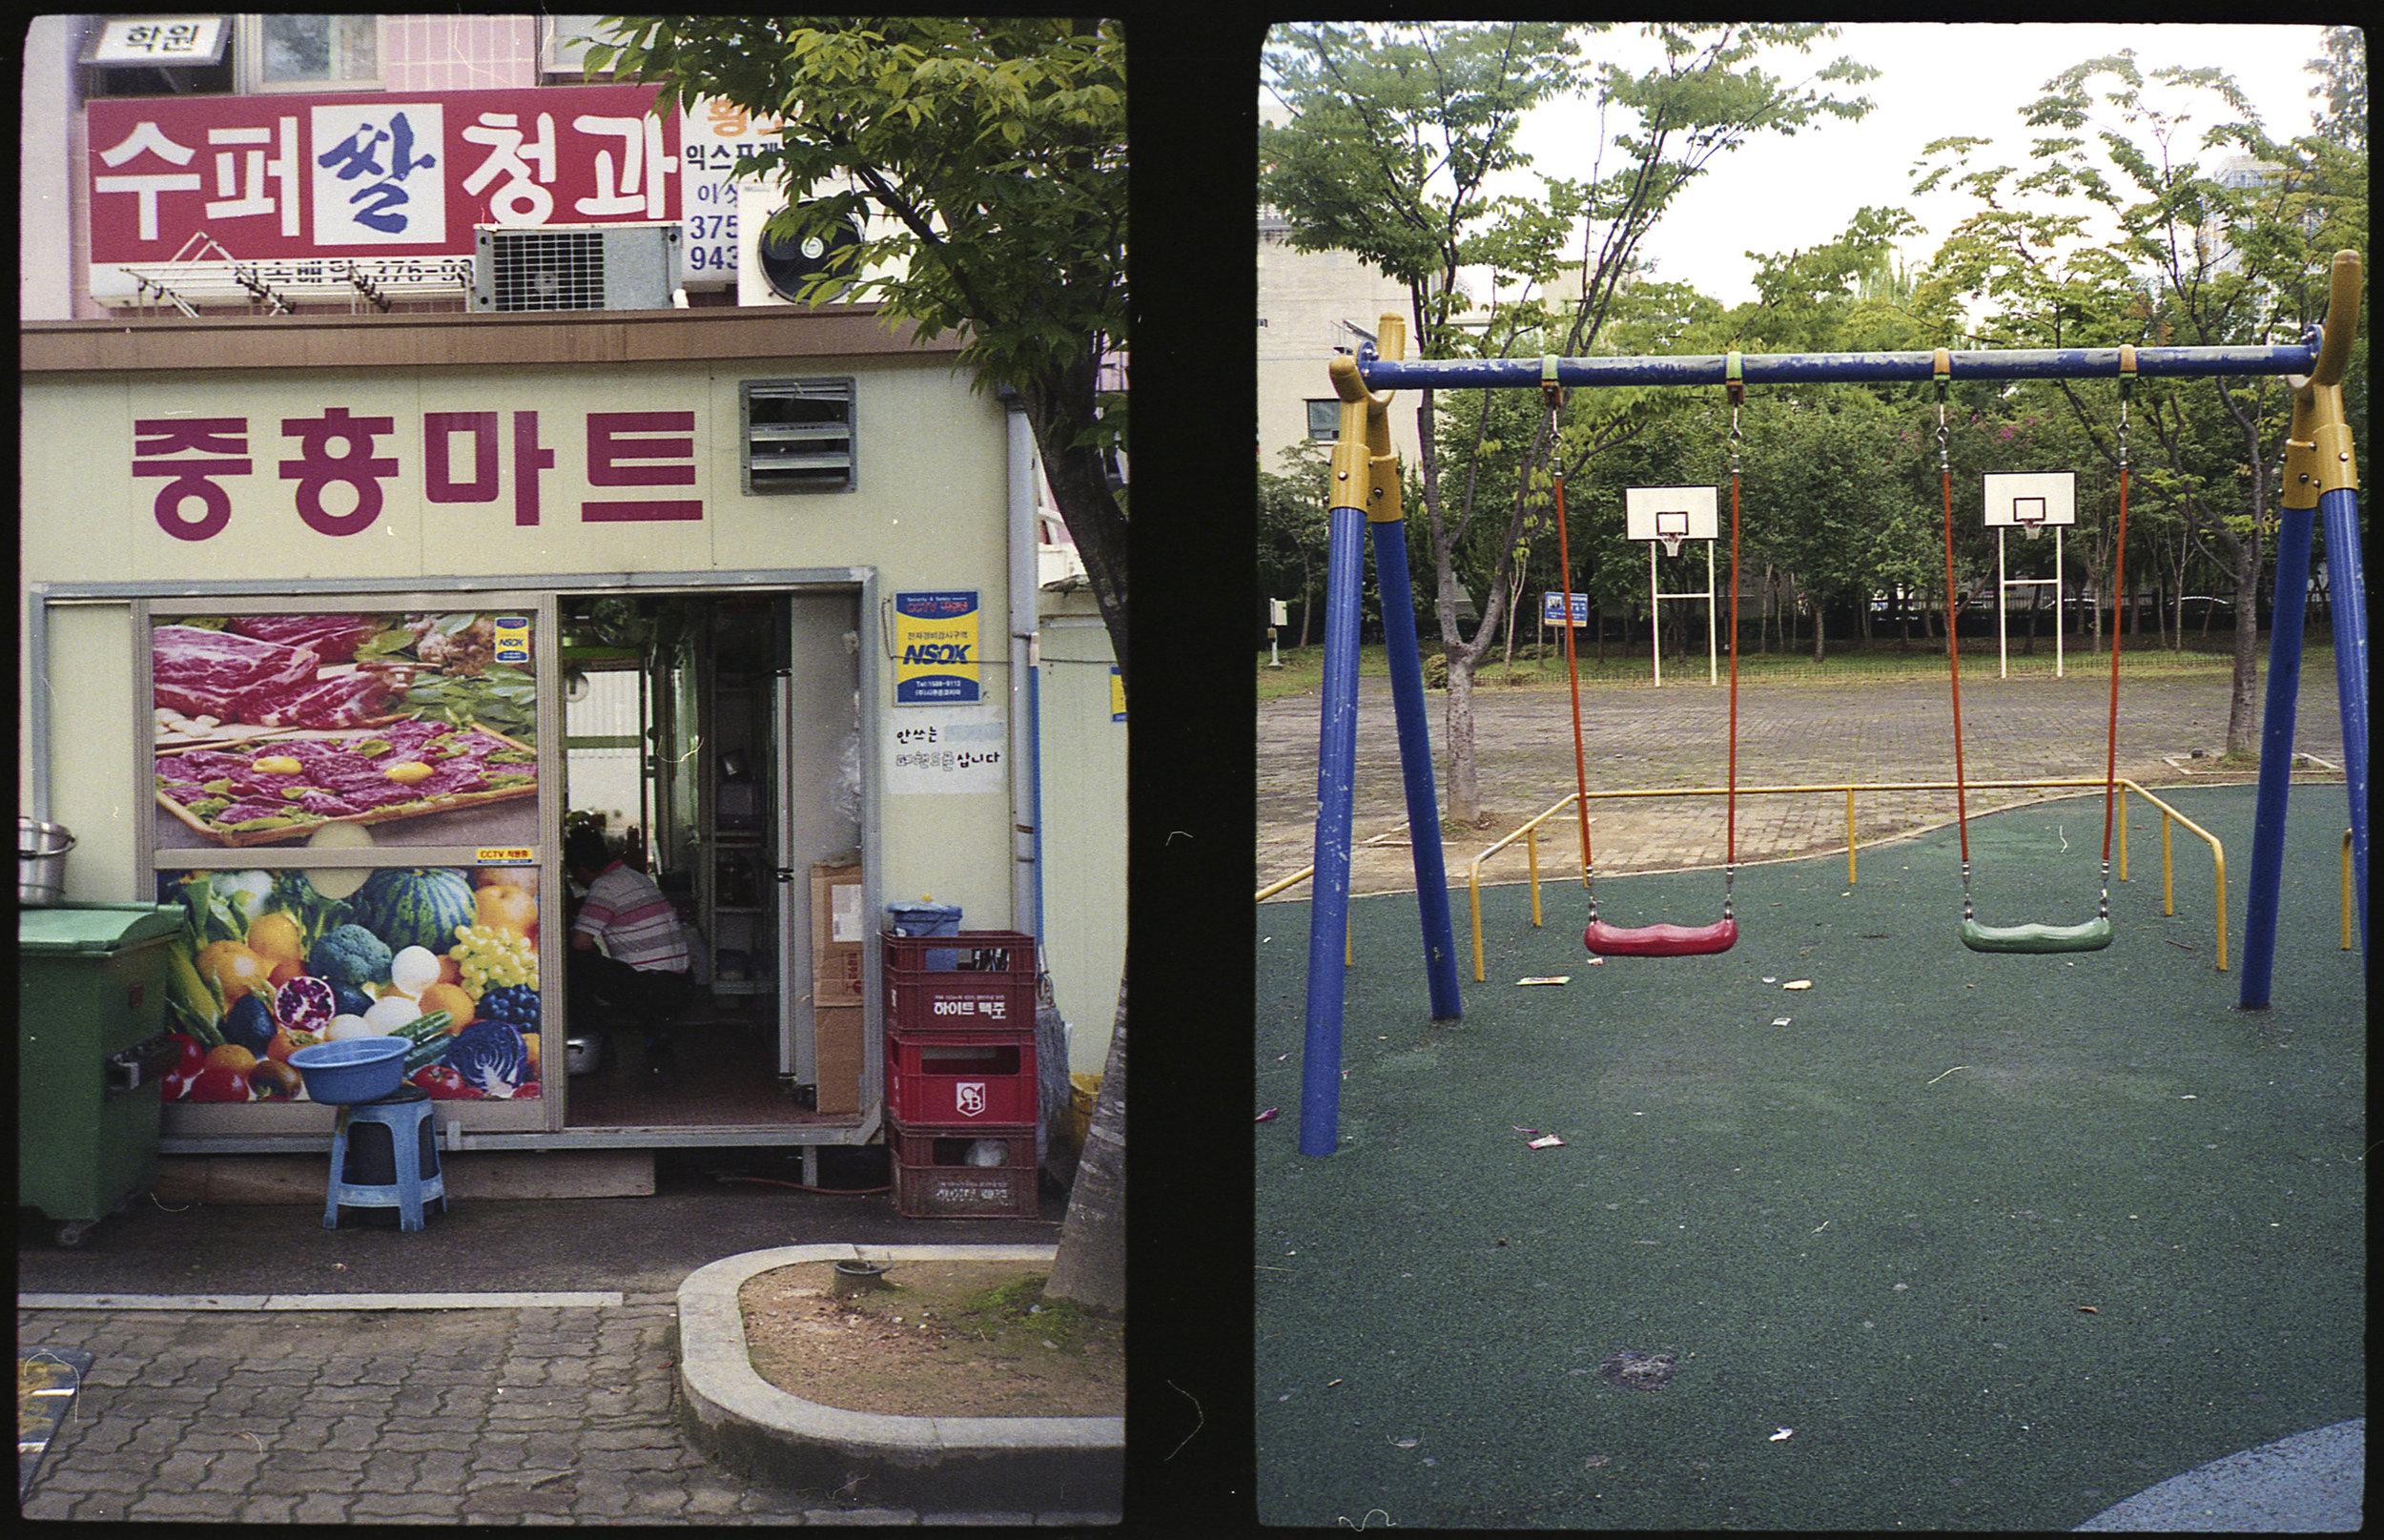 Mini Mart and Playground